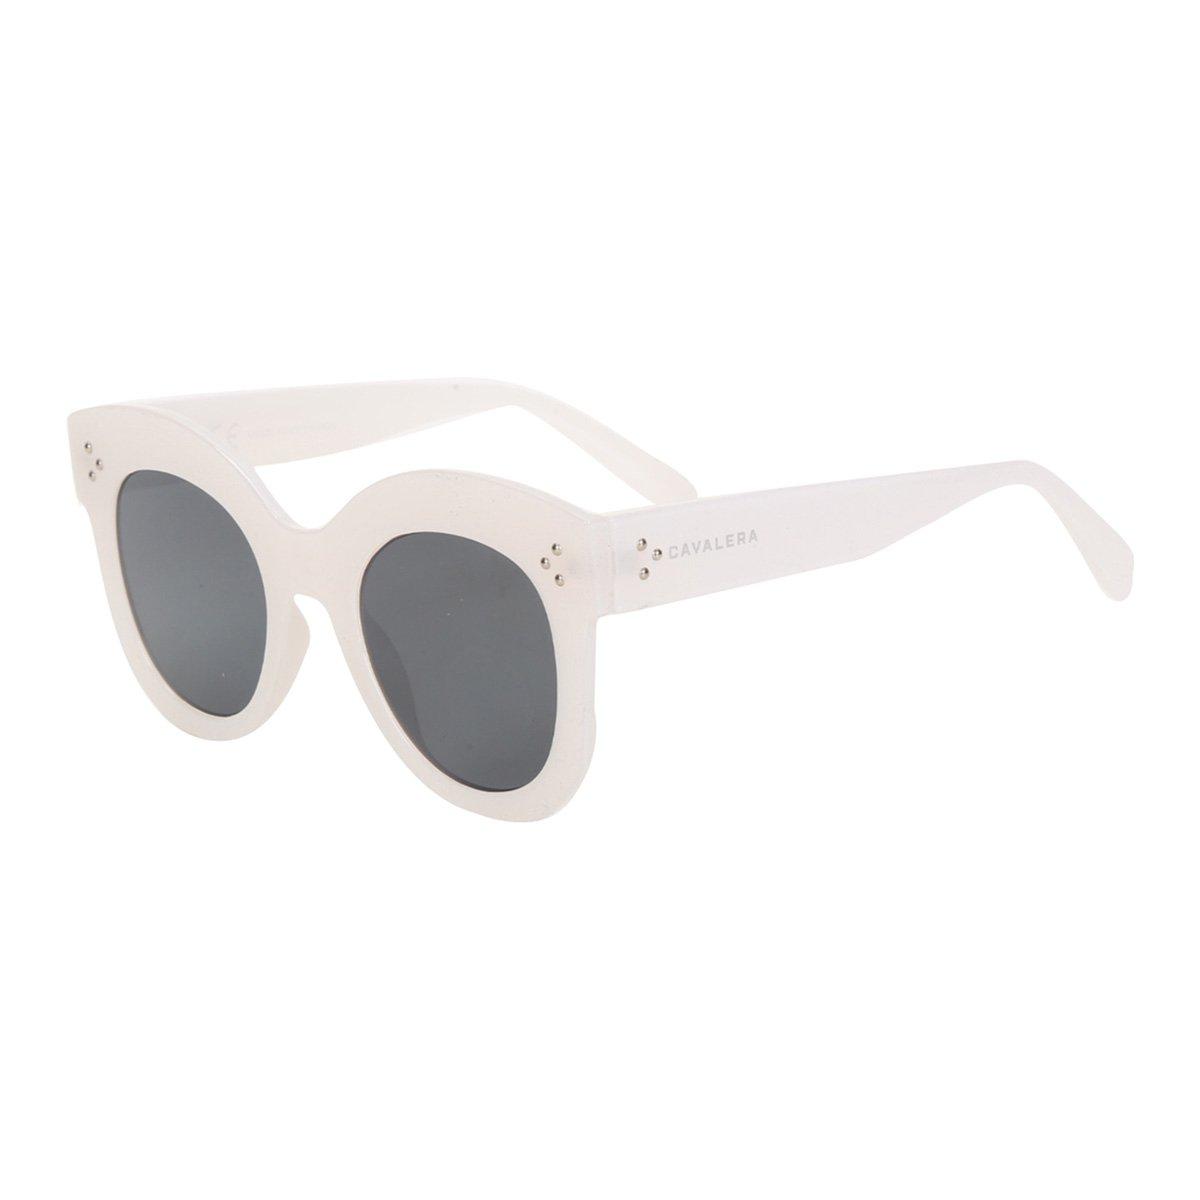 Óculos De Sol Cavalera Redondo MG0234 Masculino